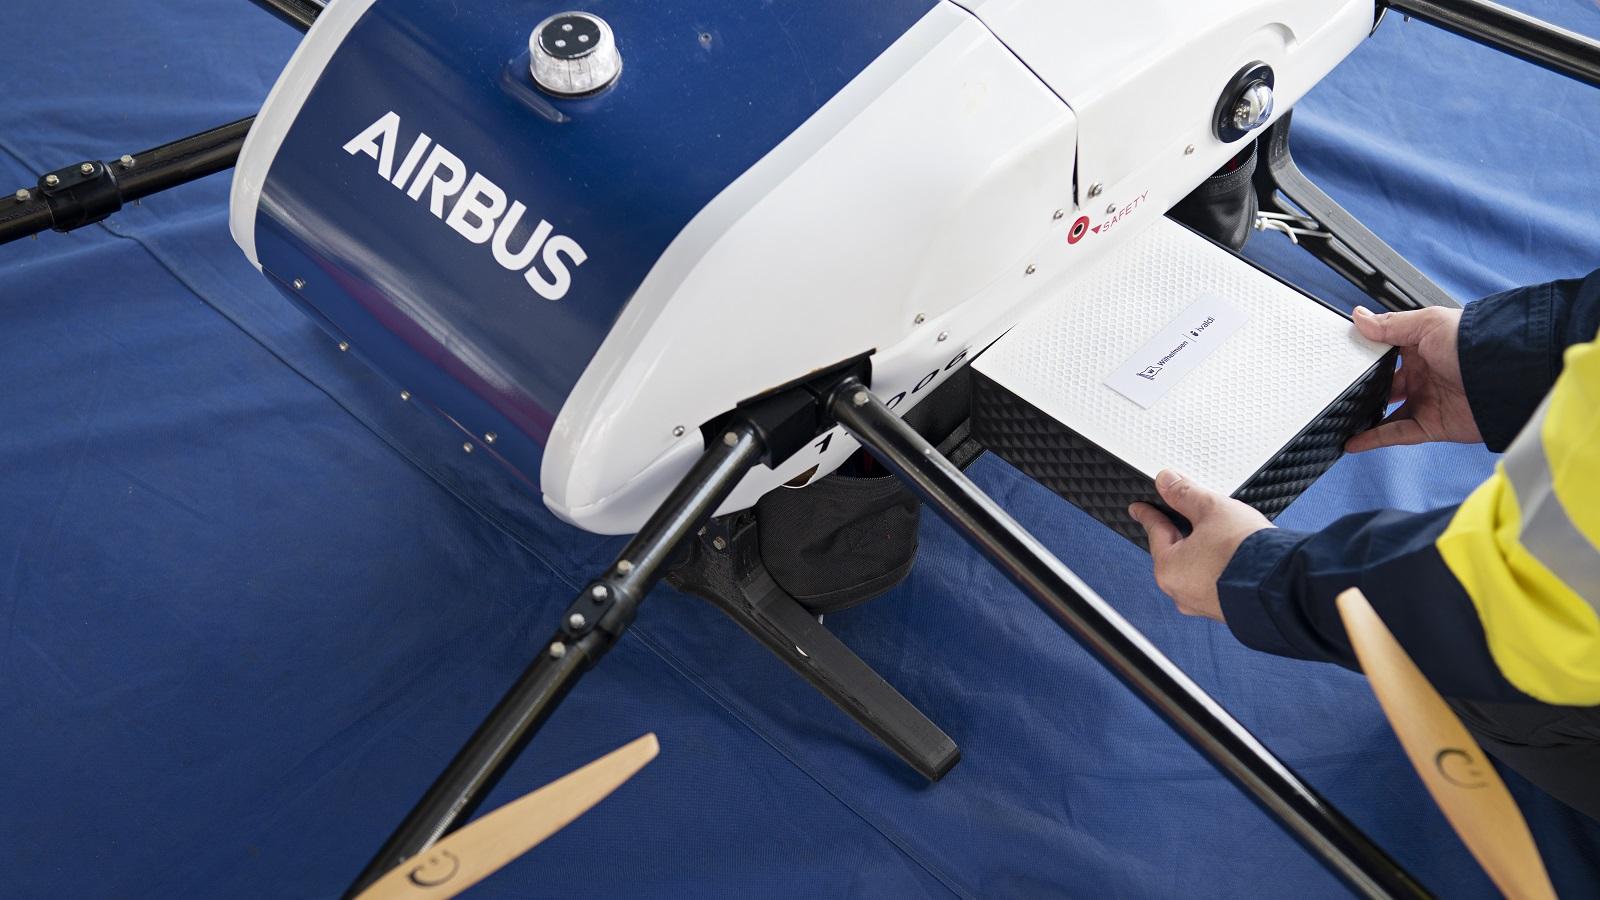 GeoGarage blog: Wilhelmsen and Airbus trial world's first